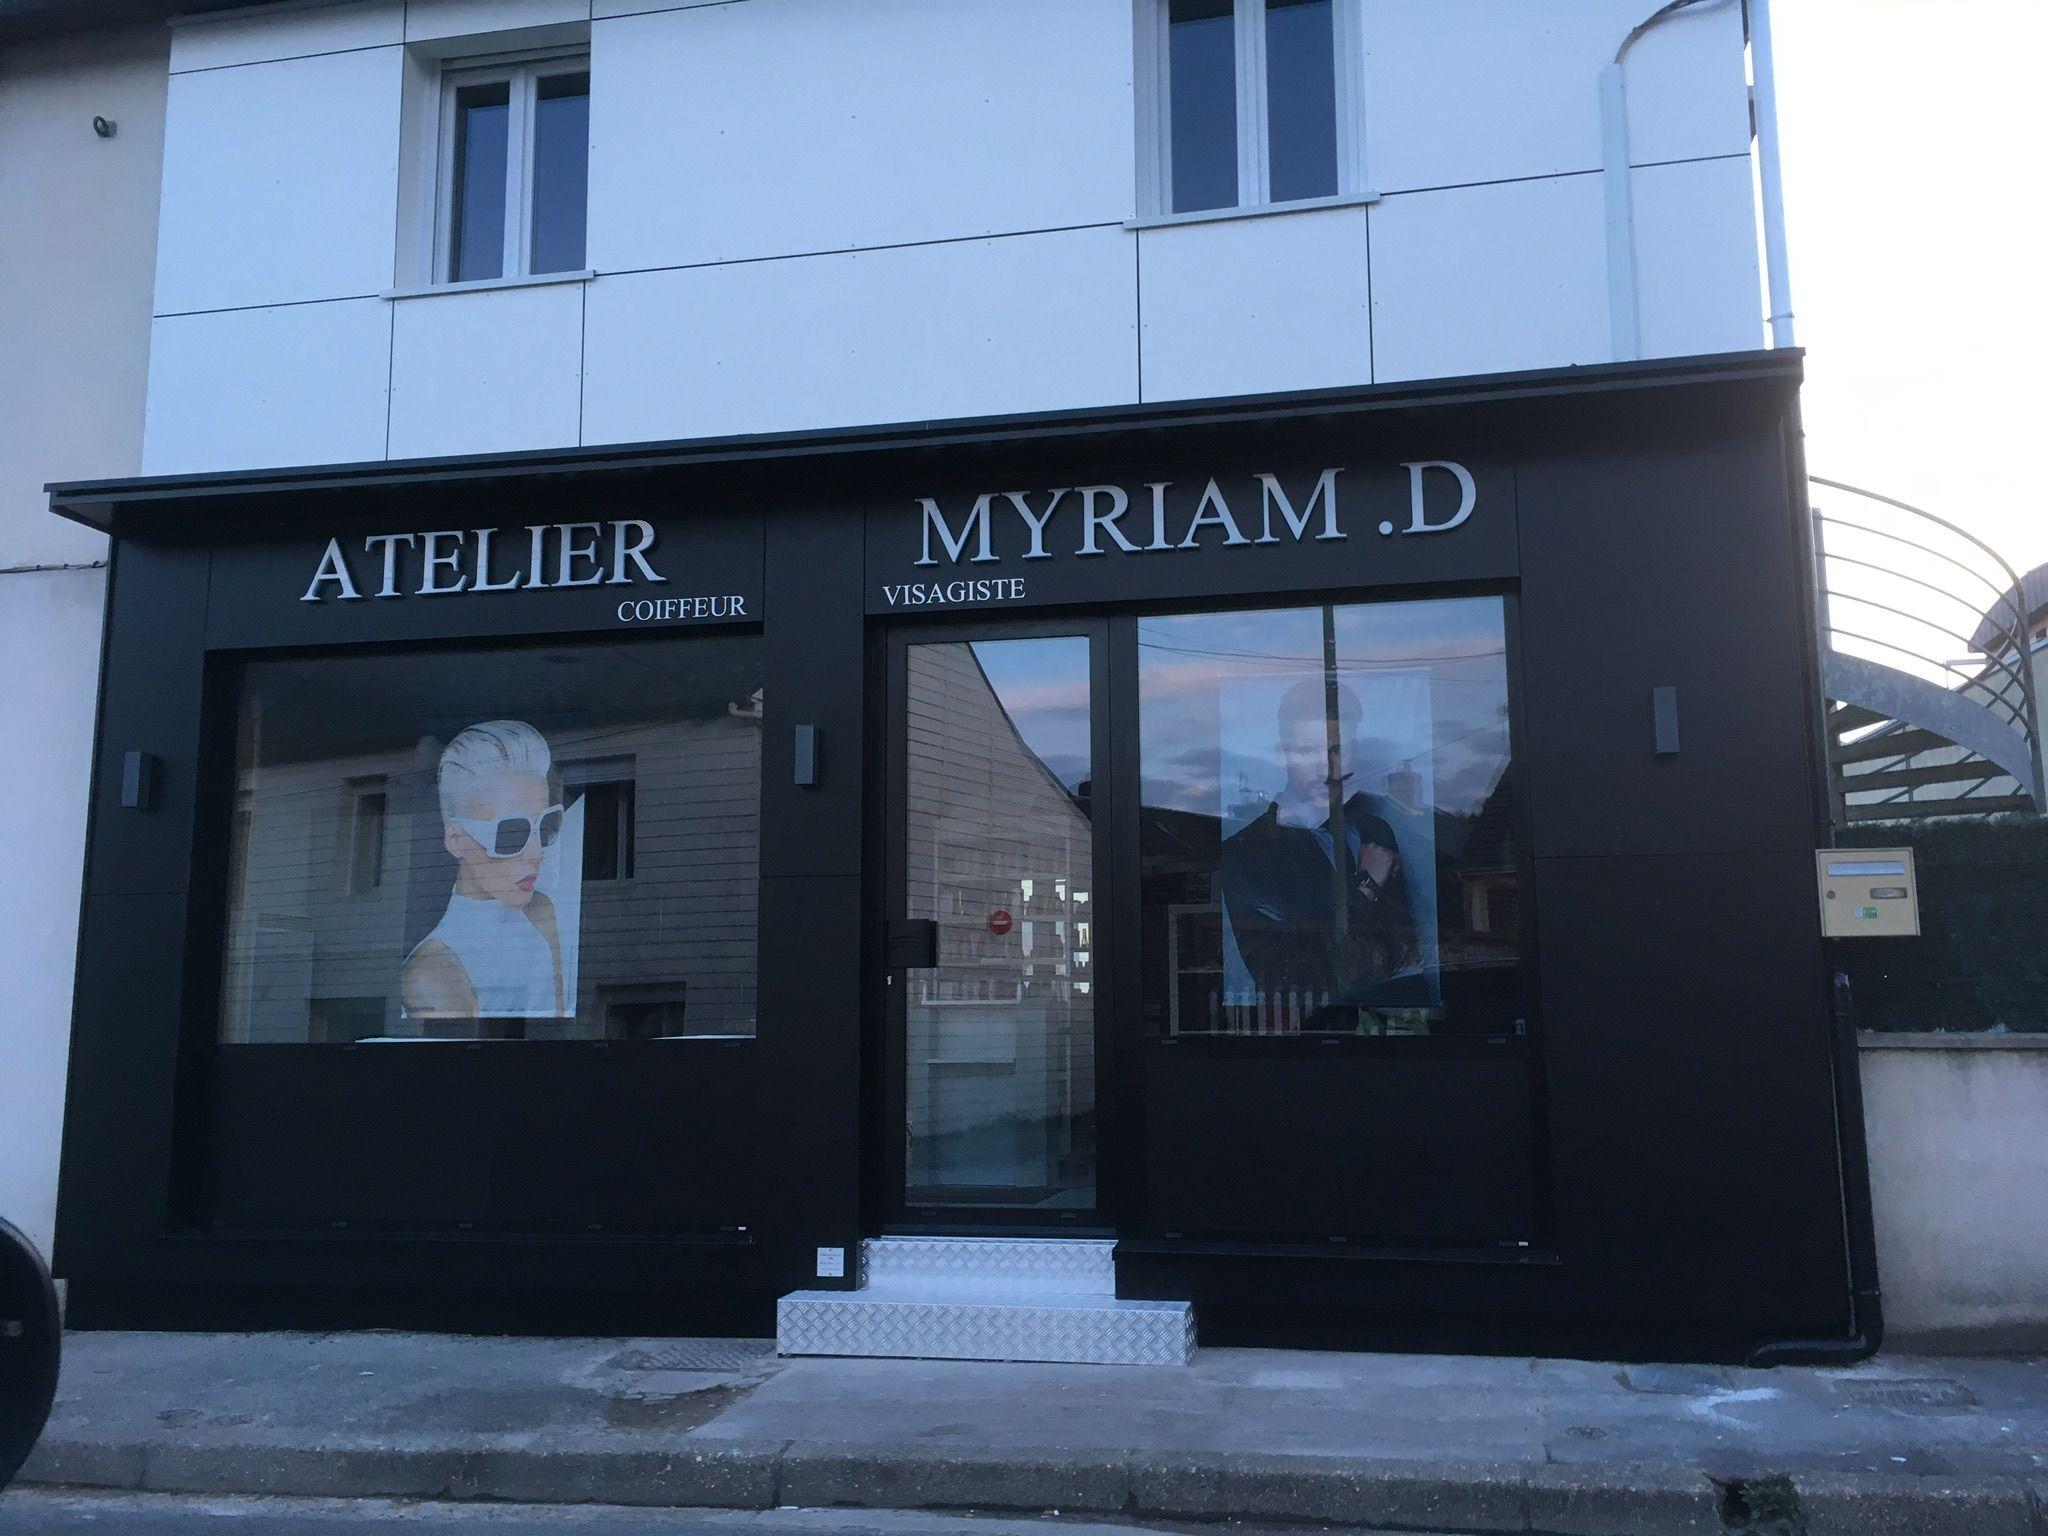 Atelier Myriam D Coiffure Montville Coiffeur Visagiste Visage Coiffeur